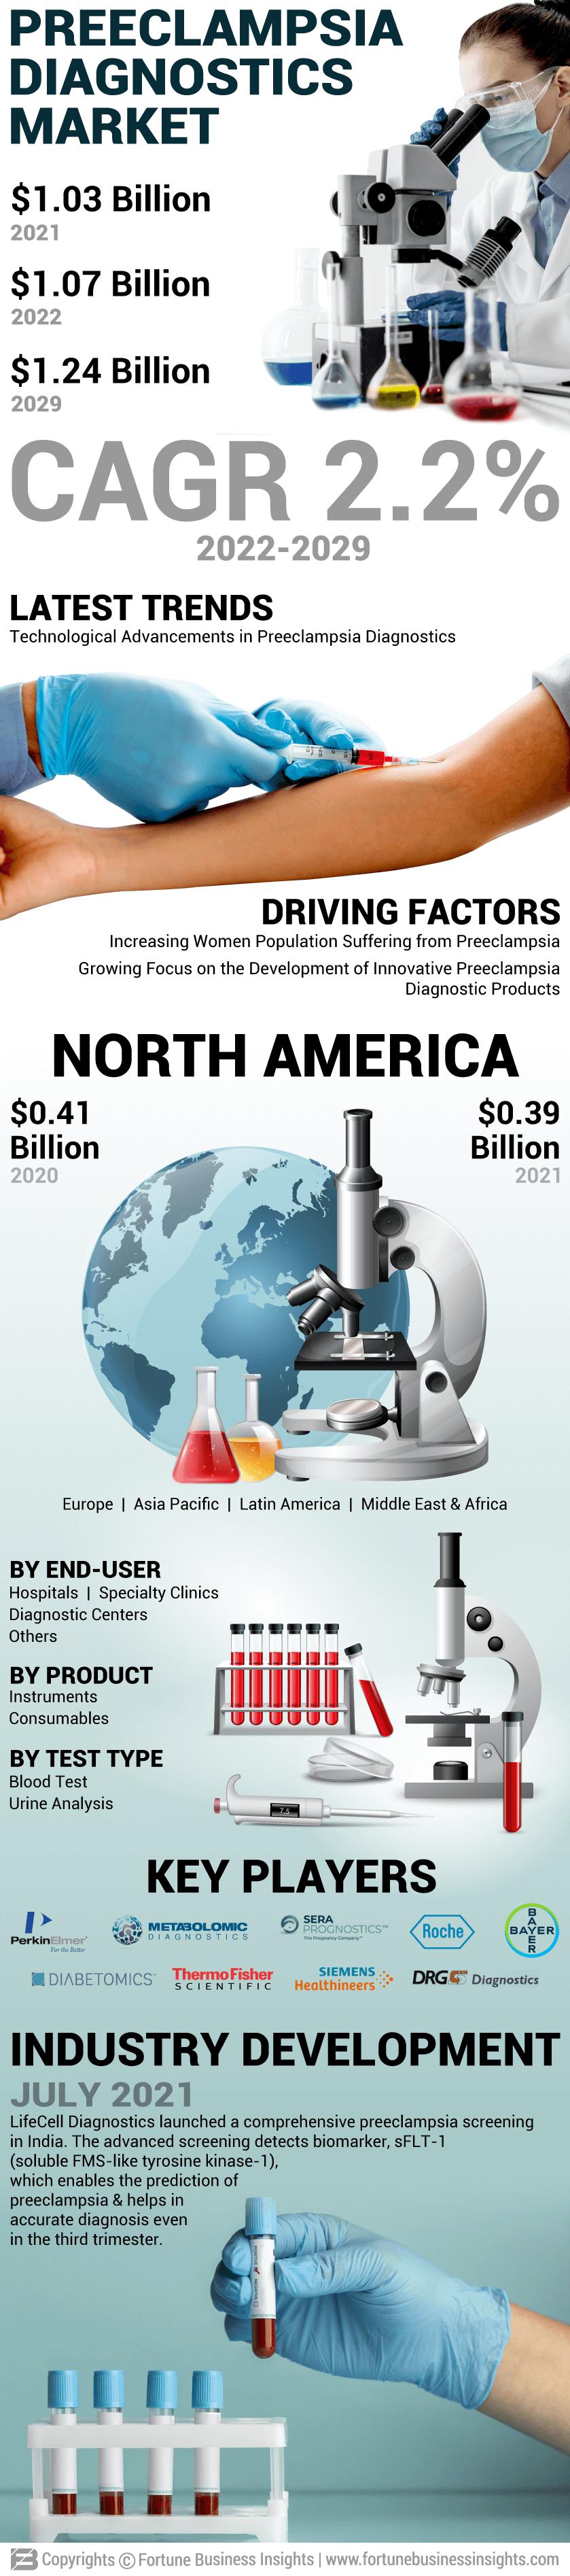 Preeclampsia Diagnostics Market